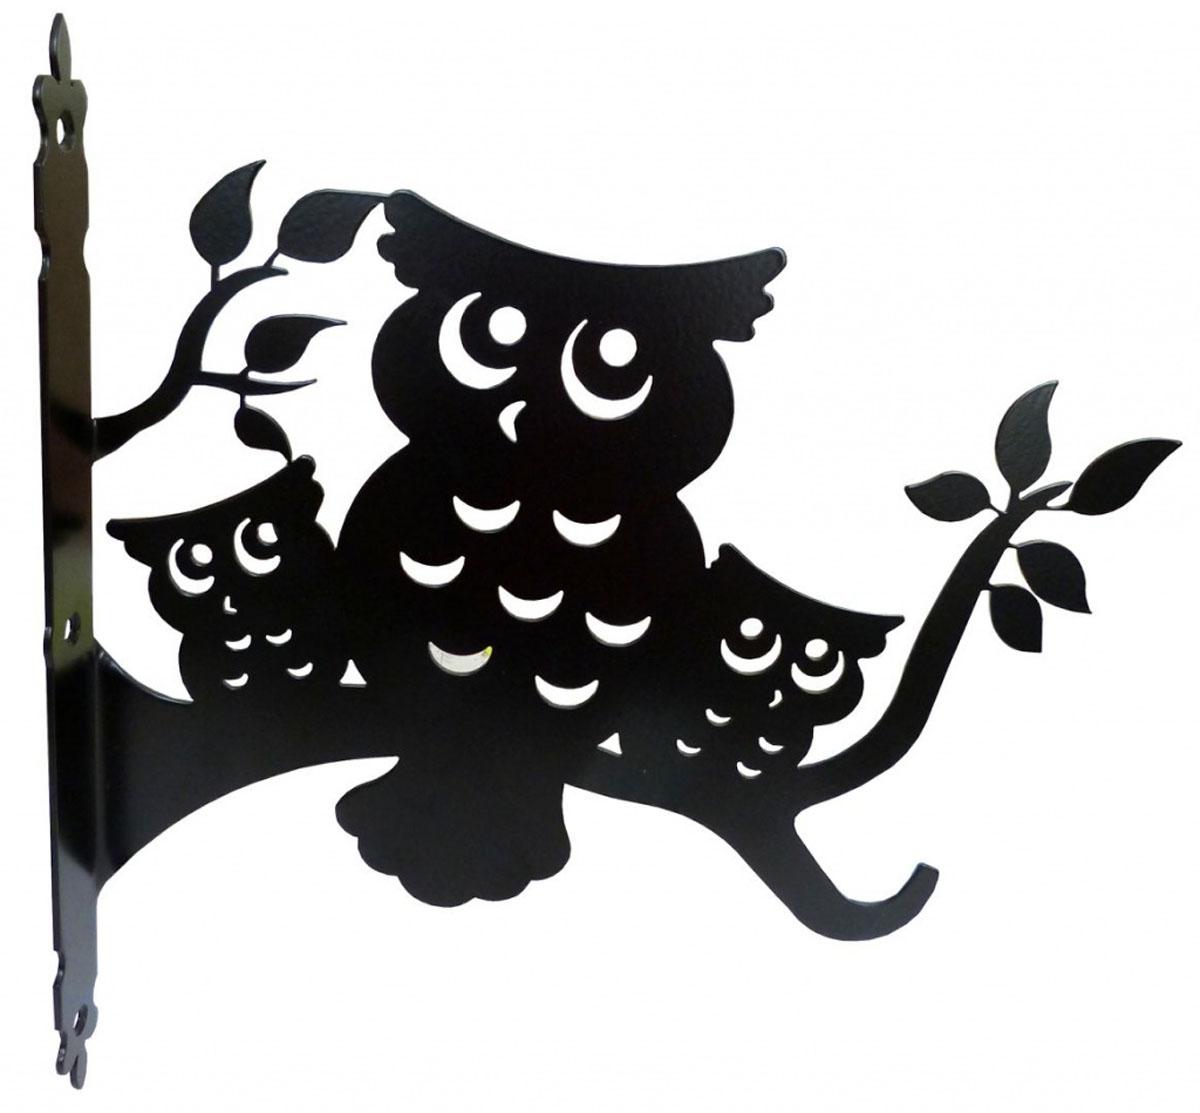 Держатель для кашпо Gala, цвет: черный. DK004-BDK004-BОригинальный держатель для кашпо Gala, изготовленный из металла в виде оригинальной фигурки, станет прекрасным украшением вашего сада. С его помощью вы сможете расположить корзину с цветами в любом удобном месте: на даче, участке, на городском балконе и в других местах. Такой держатель с годами не потеряет своей привлекательности. Он послужит настоящим украшением и необычным элементом дизайна. Размер держателя (ДхШ): 23,6 х 30 см.